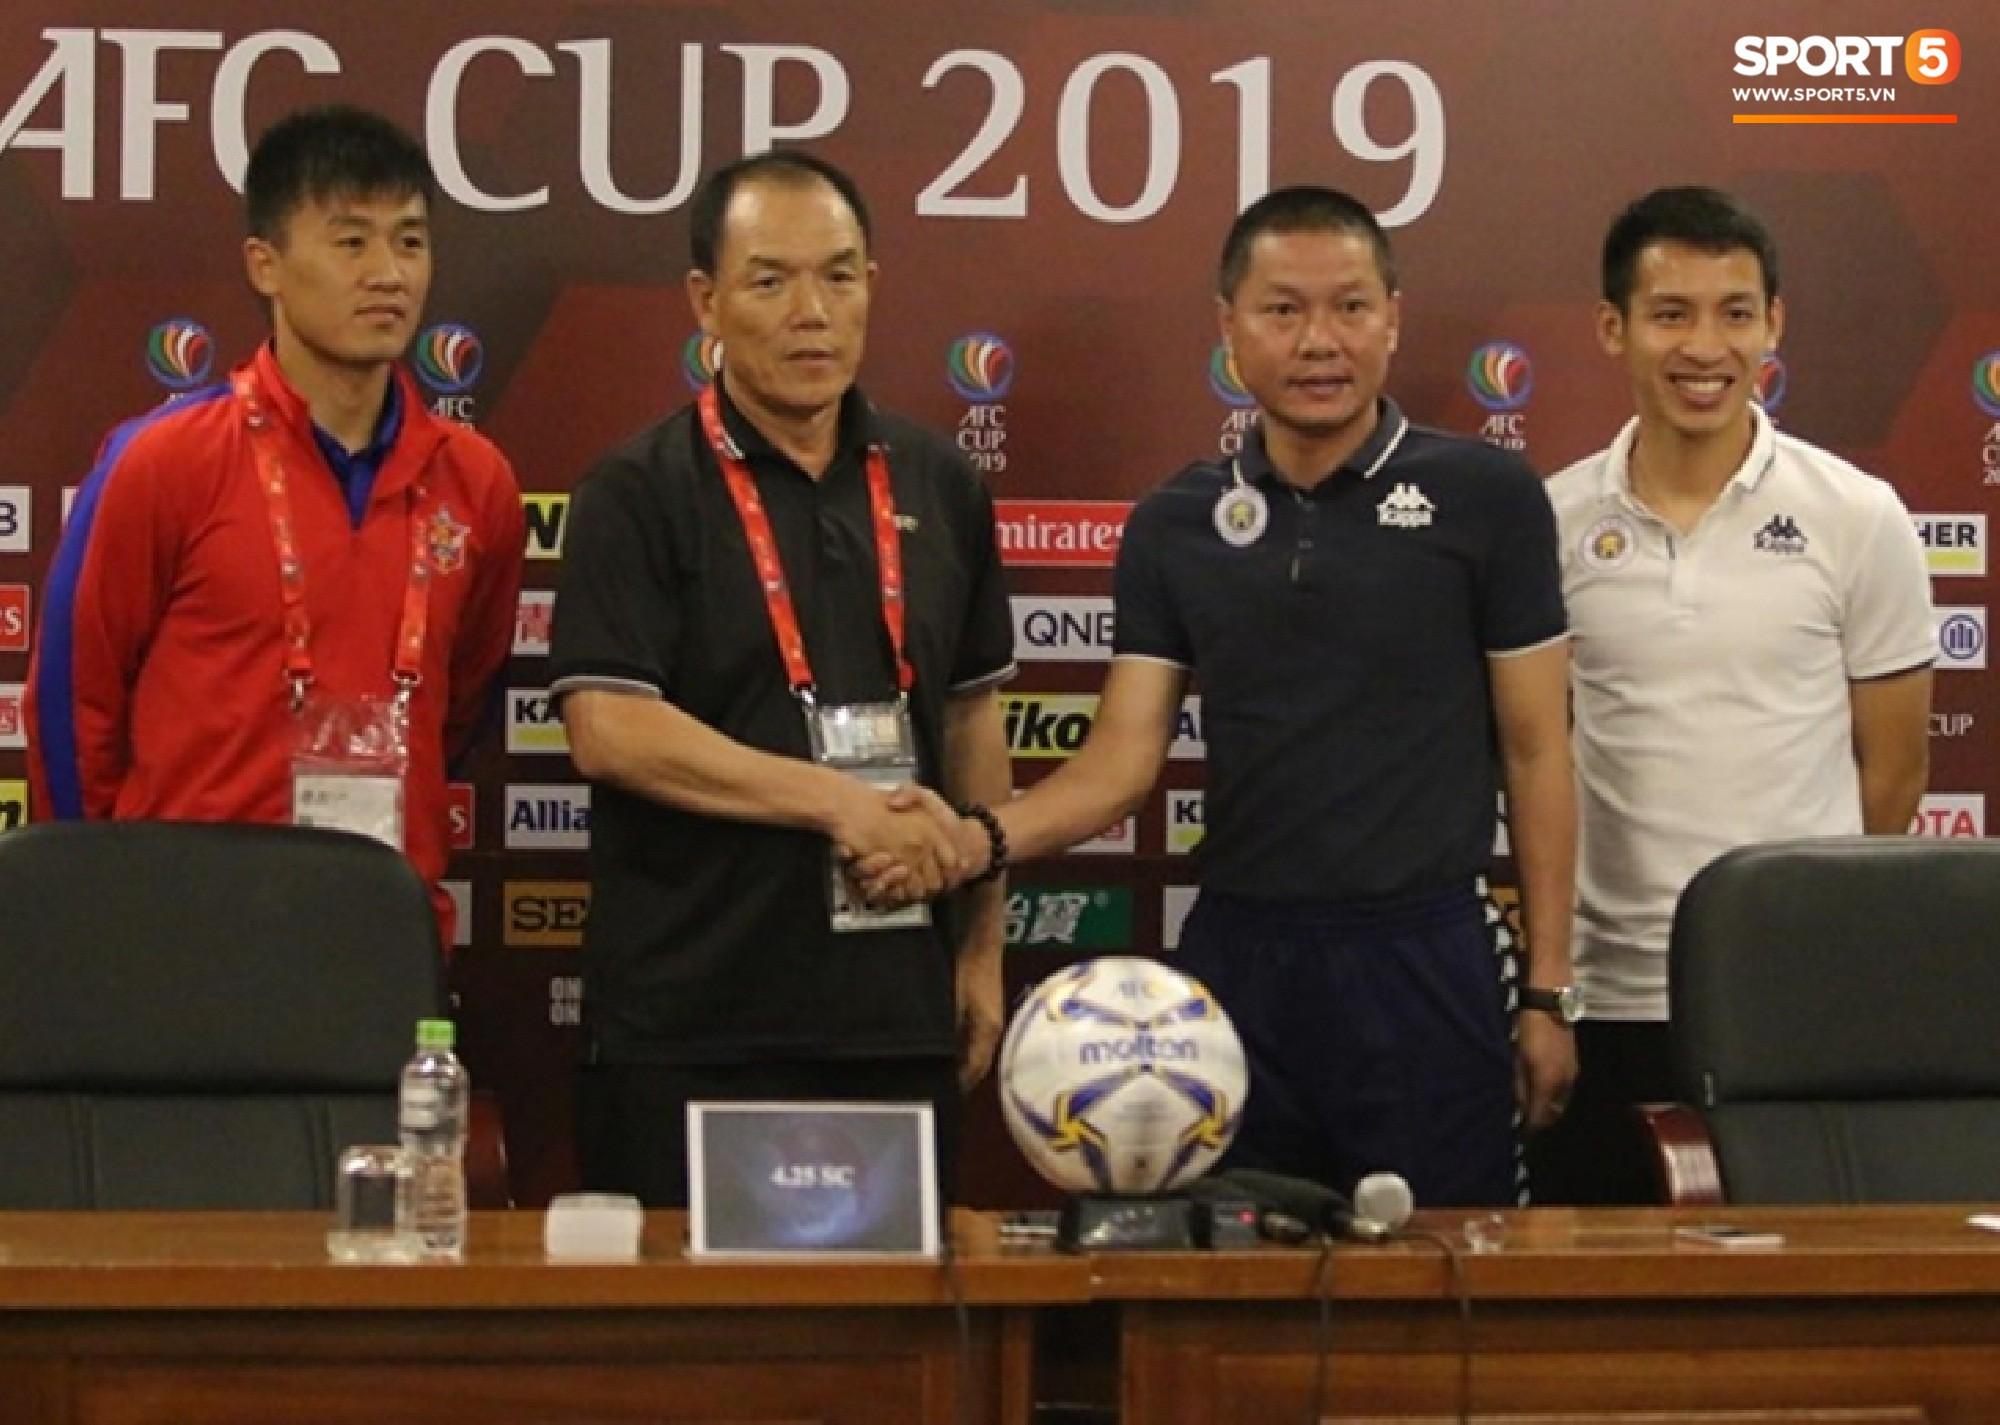 Hà Nội FC và đối thủ tại chung kết liên khu vực AFC Cup đối đầu trong bối cảnh không biết gì về nhau - Ảnh 1.